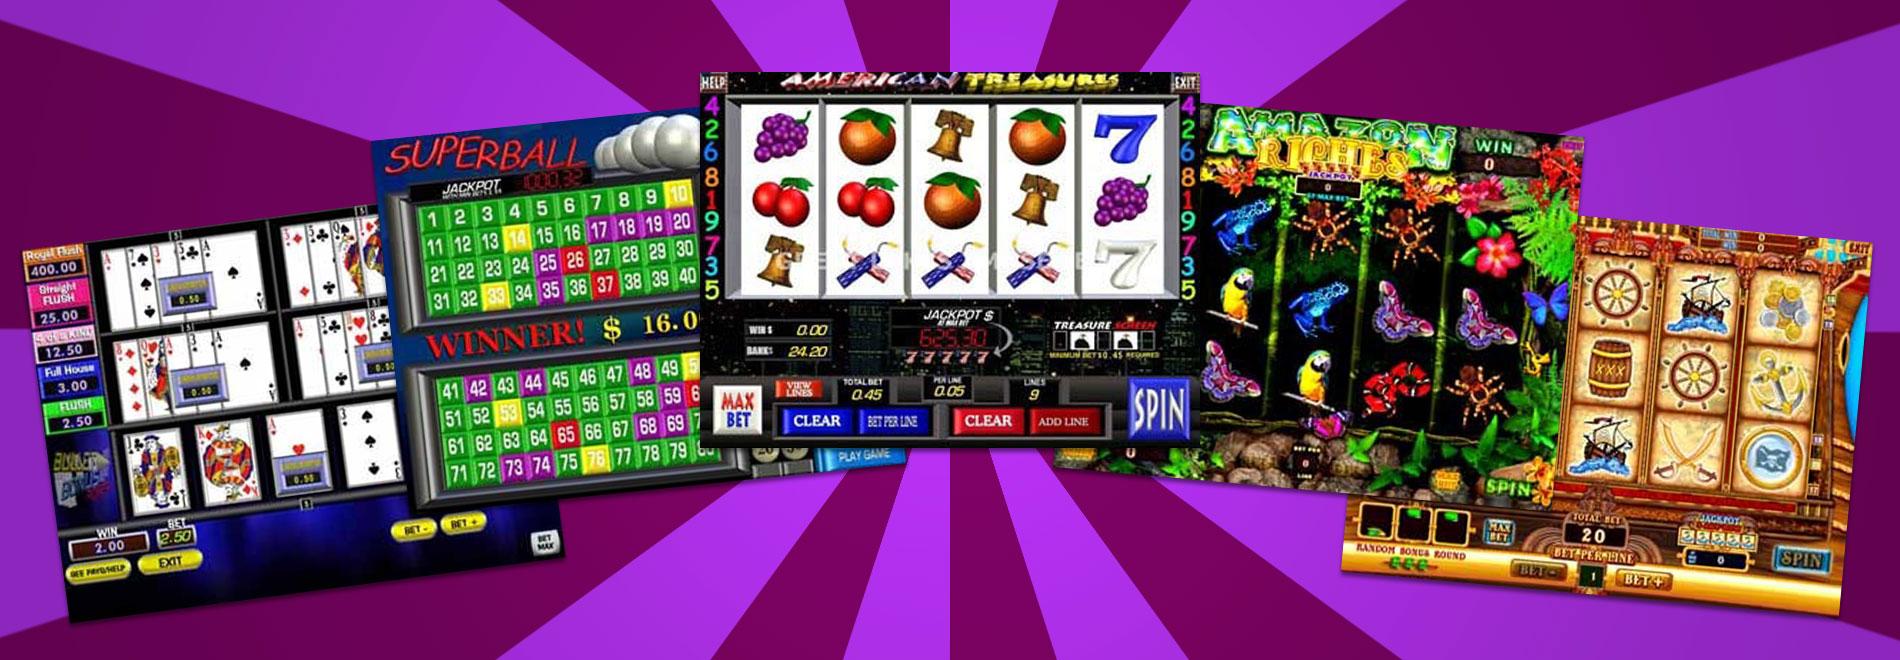 Platinum Touch 3 Multi-Game